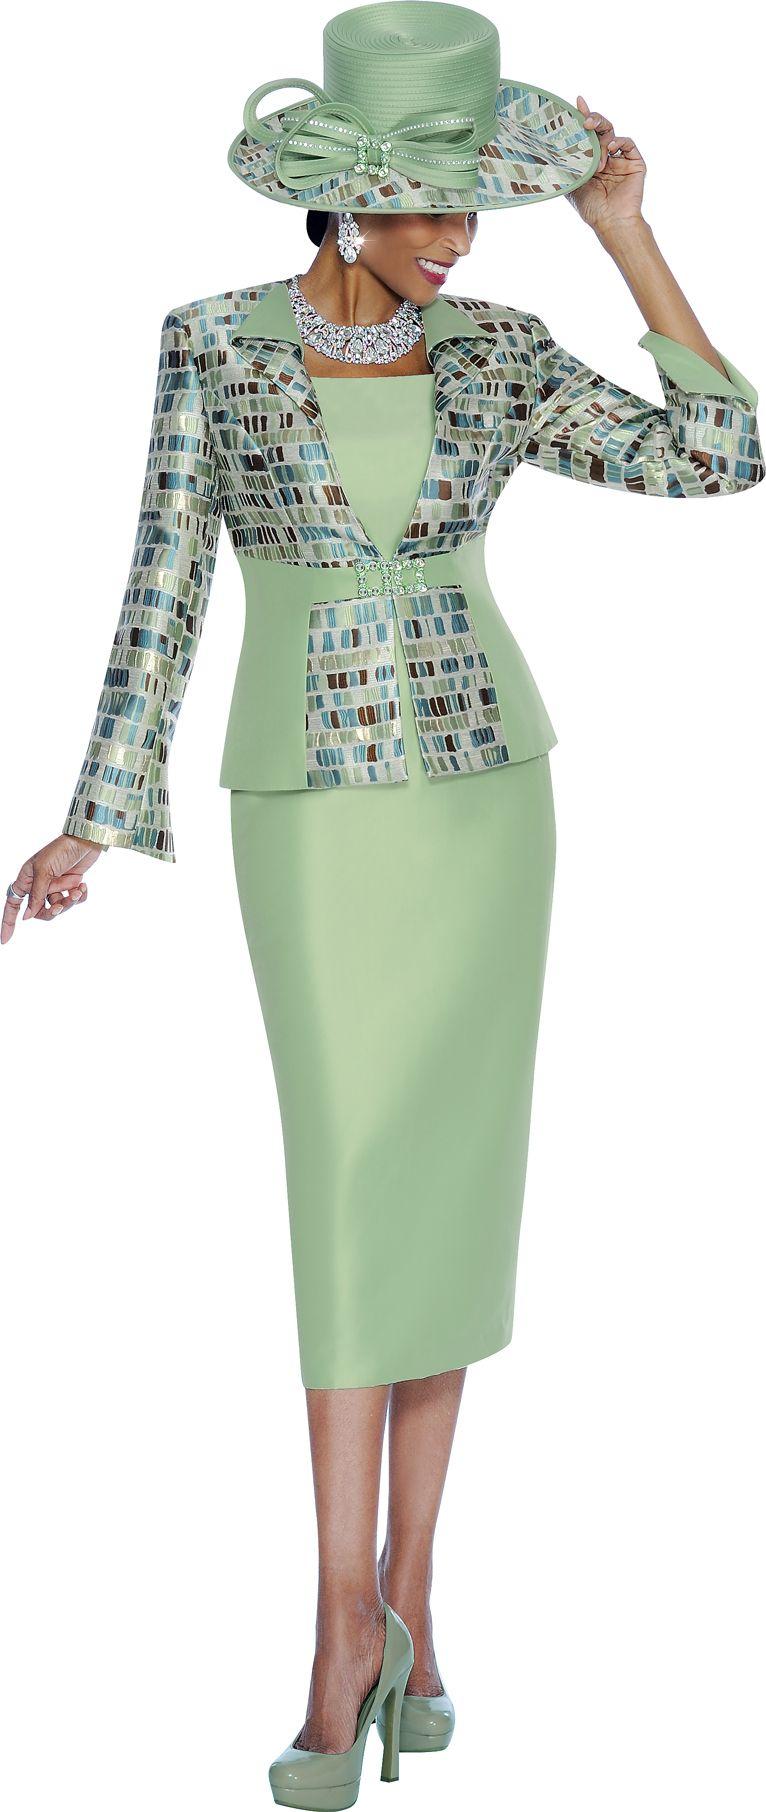 Terramina 7444 Church Dress with Jacket - French Novelty